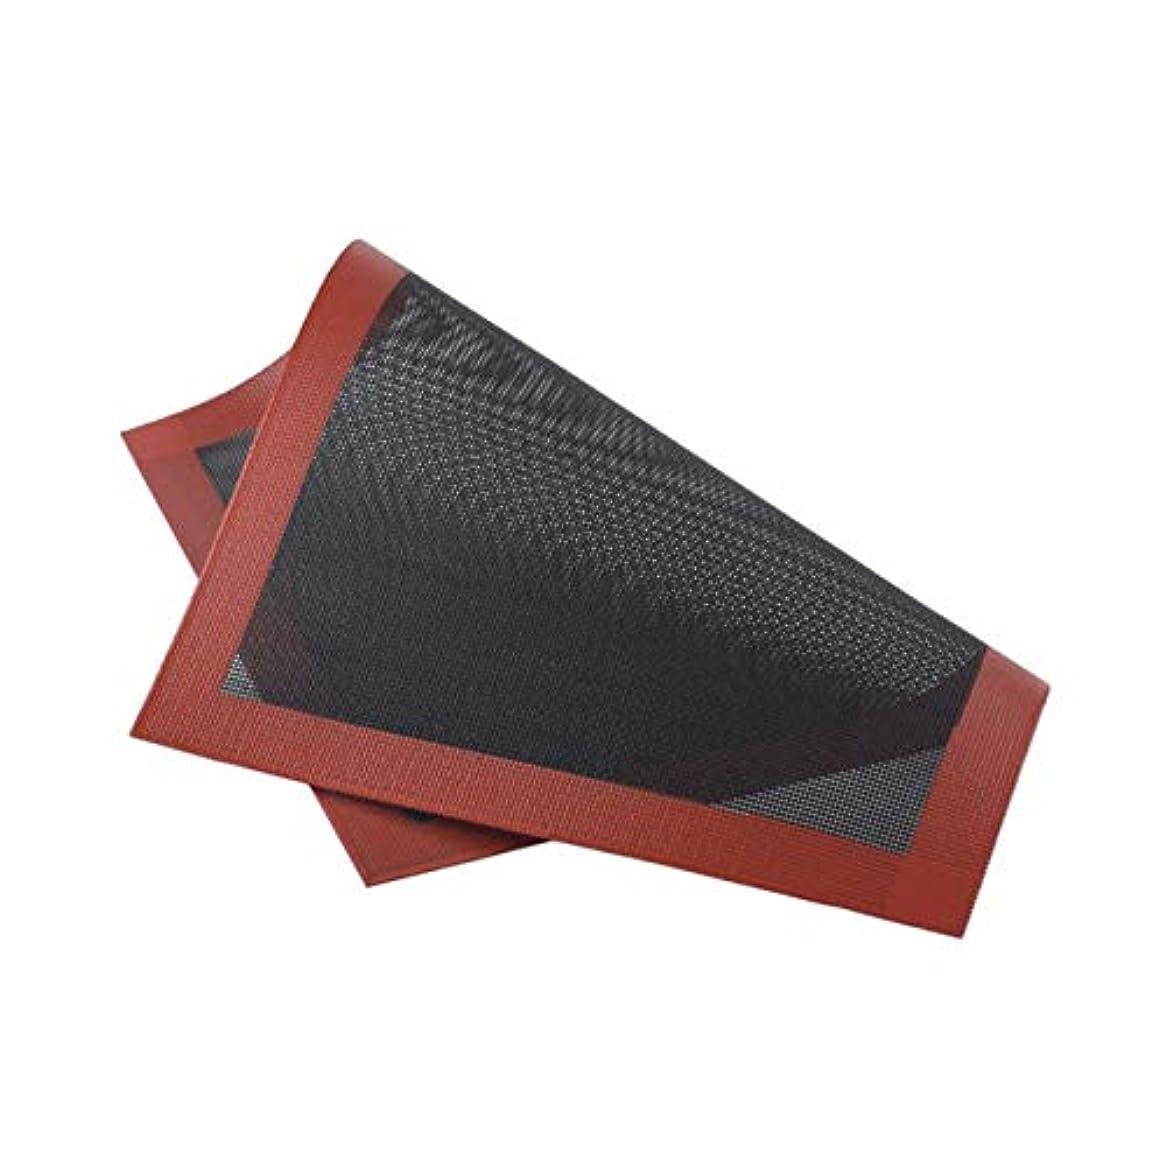 ヒョウあご部屋を掃除するSaikogoods クッキーパンビスケットのための実用的なデザインホームキッチンベーキングツールのシリコンベーキングマットノンスティックベーキングオーブンシートライナー 黒と赤 直角